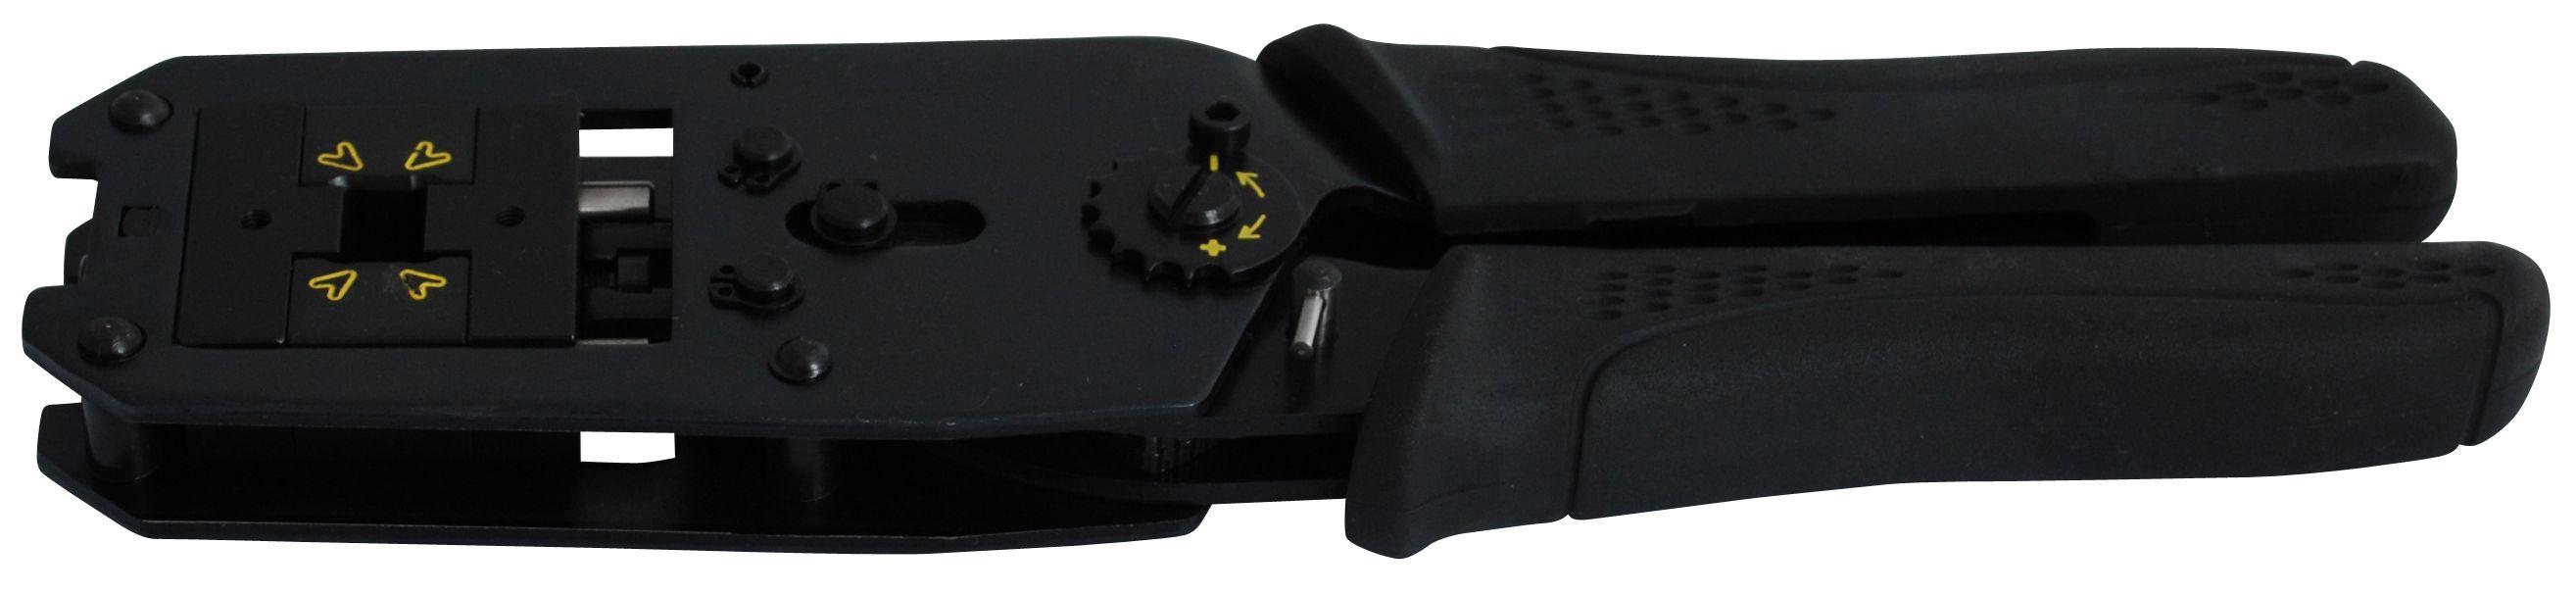 1 Stk Montagezange für Kontaktblock, CKZWZ002 HSLTOOL02-